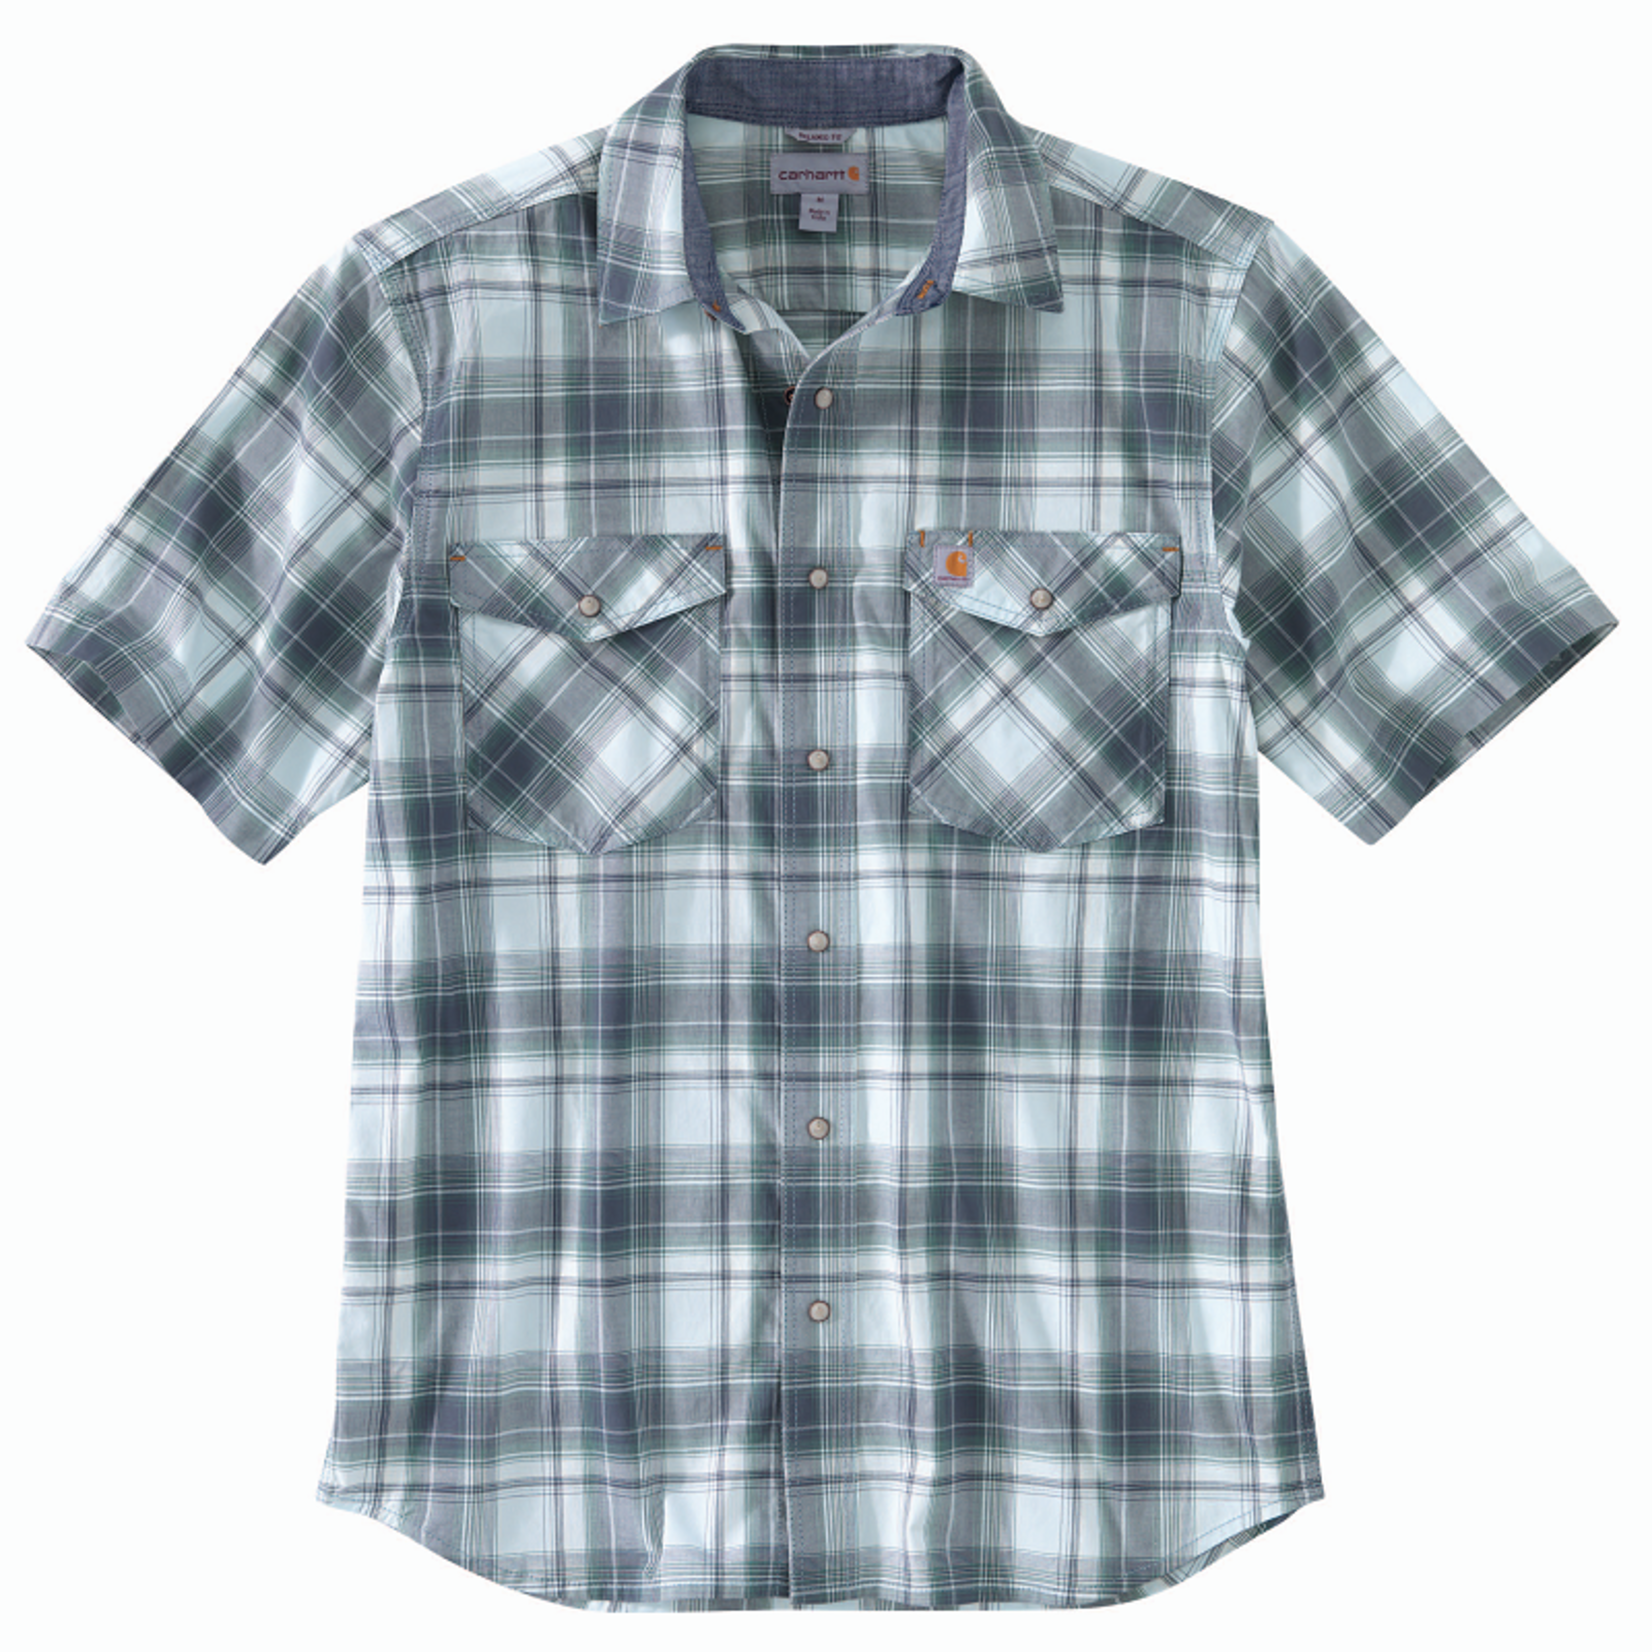 Carhartt Carhartt Short-Sleeve Snap Button-Front Plaid Shirt